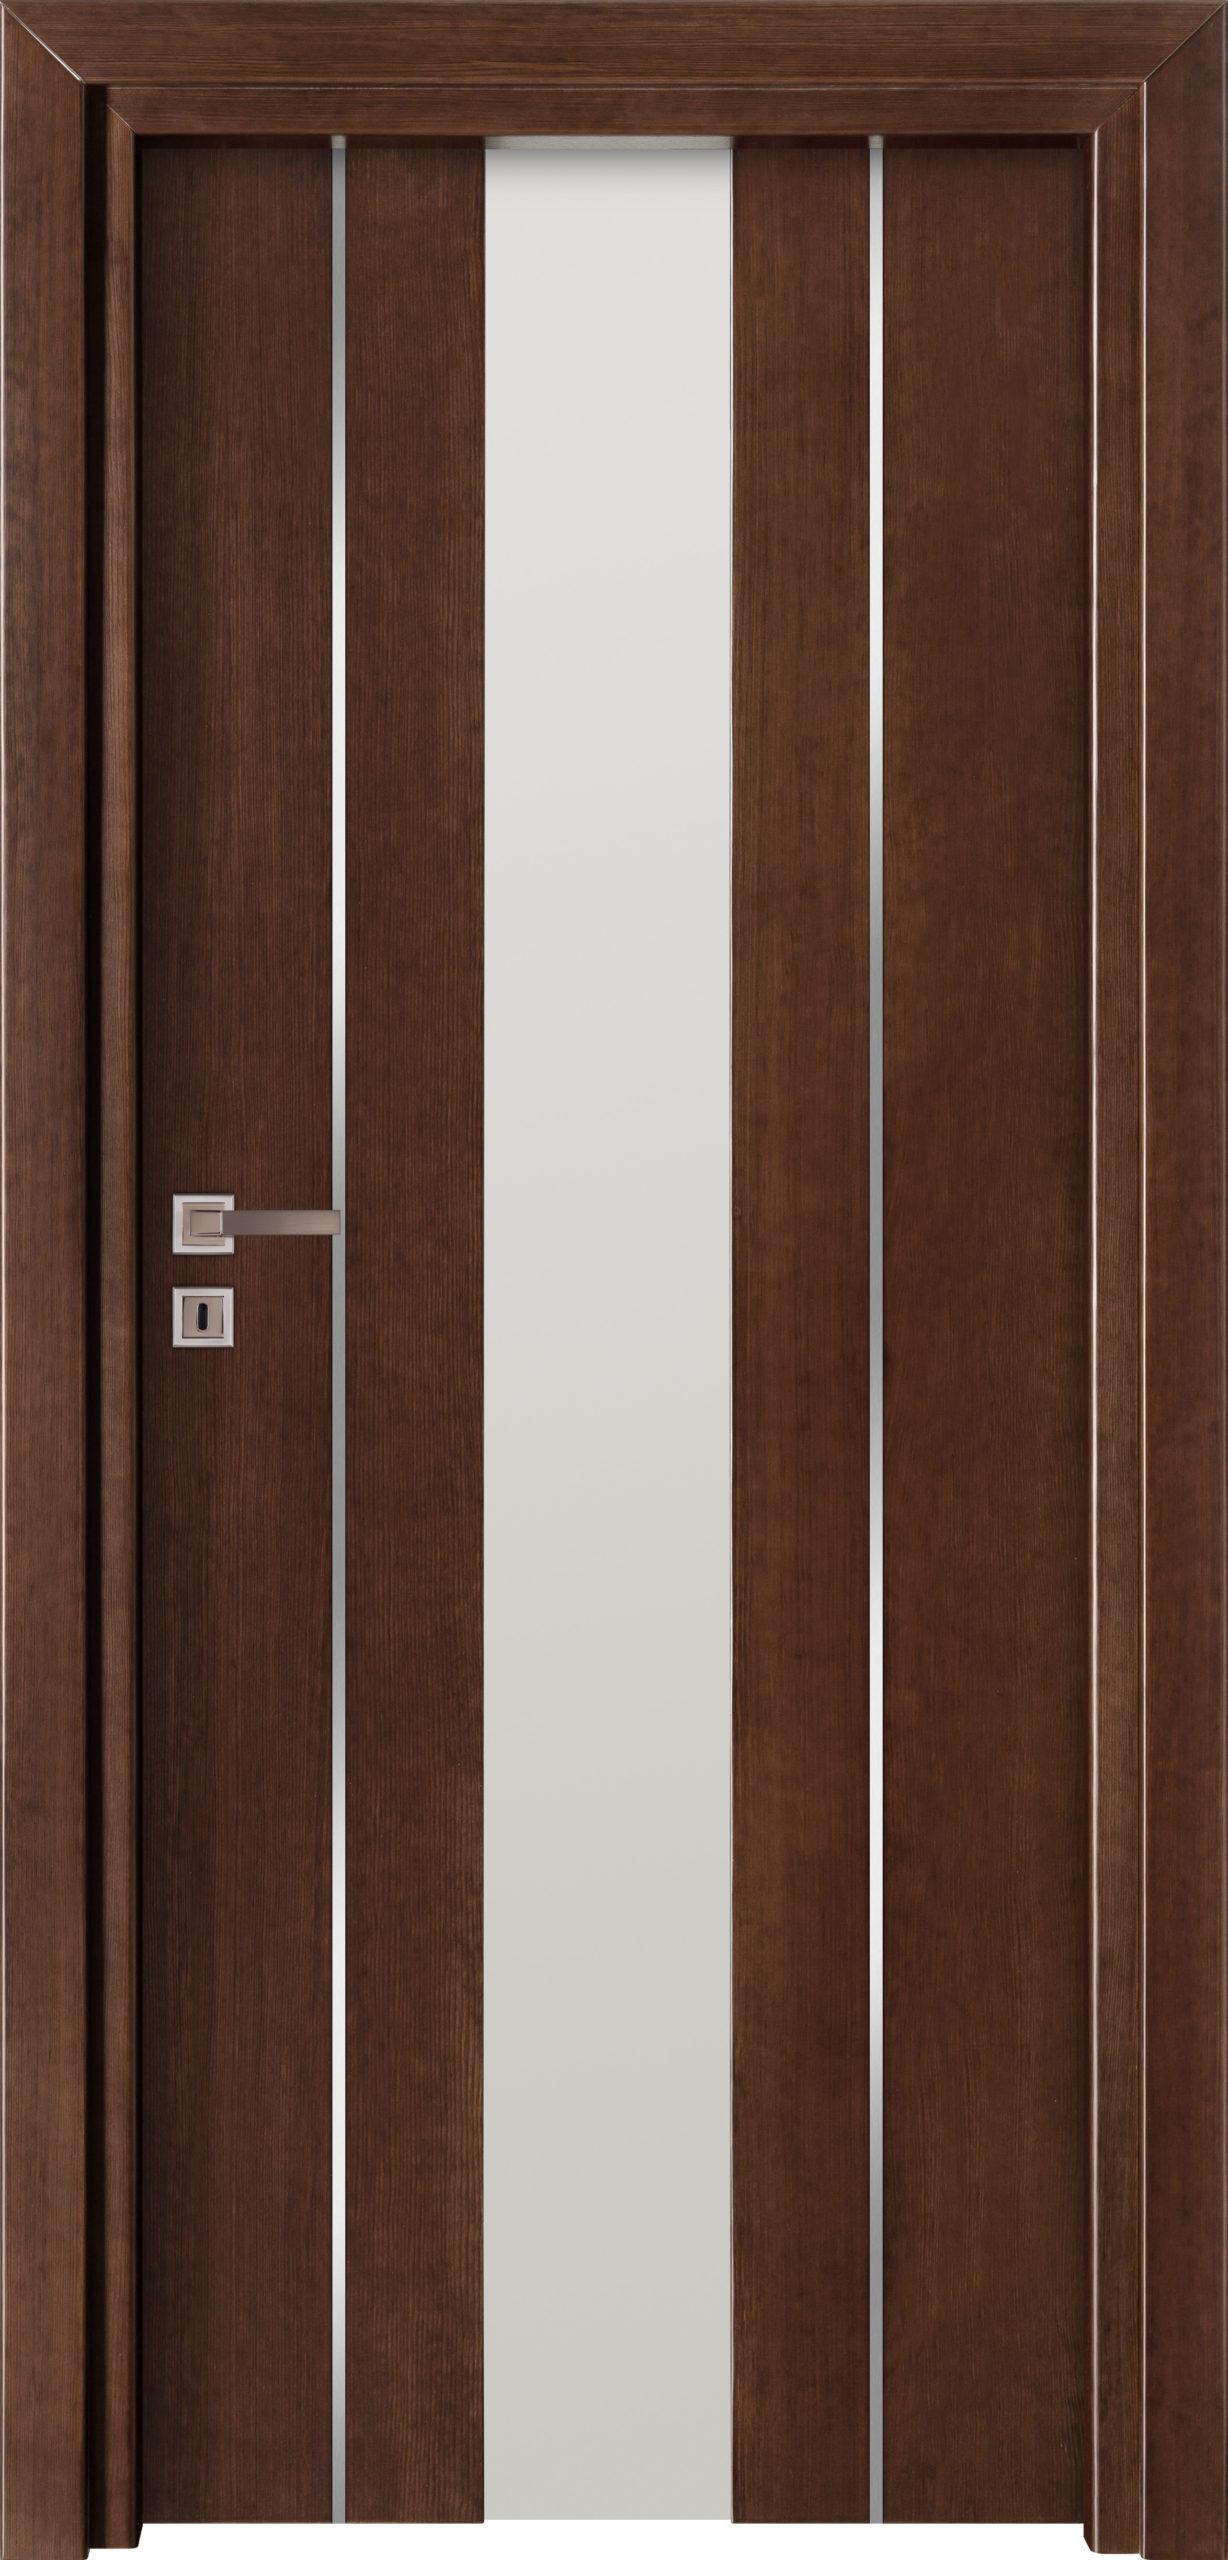 Focus A12 - jesion- jasny orzech - szklenie lacomat bezpieczny - ościeżnica przylgowa regulowana drewniana prosta (IIa)